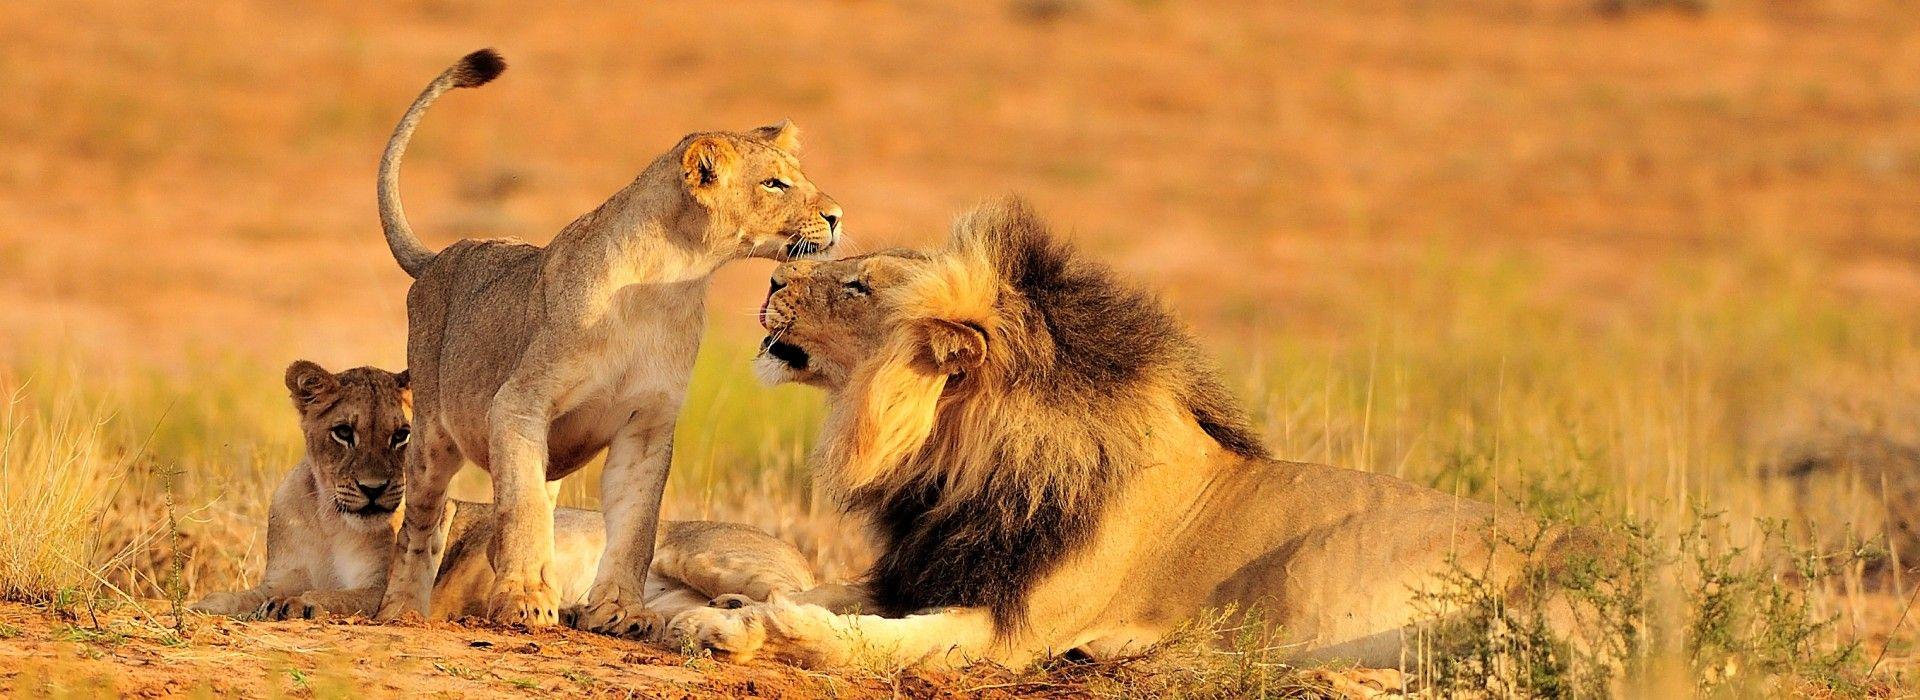 Safari Tours in Port Elizabeth